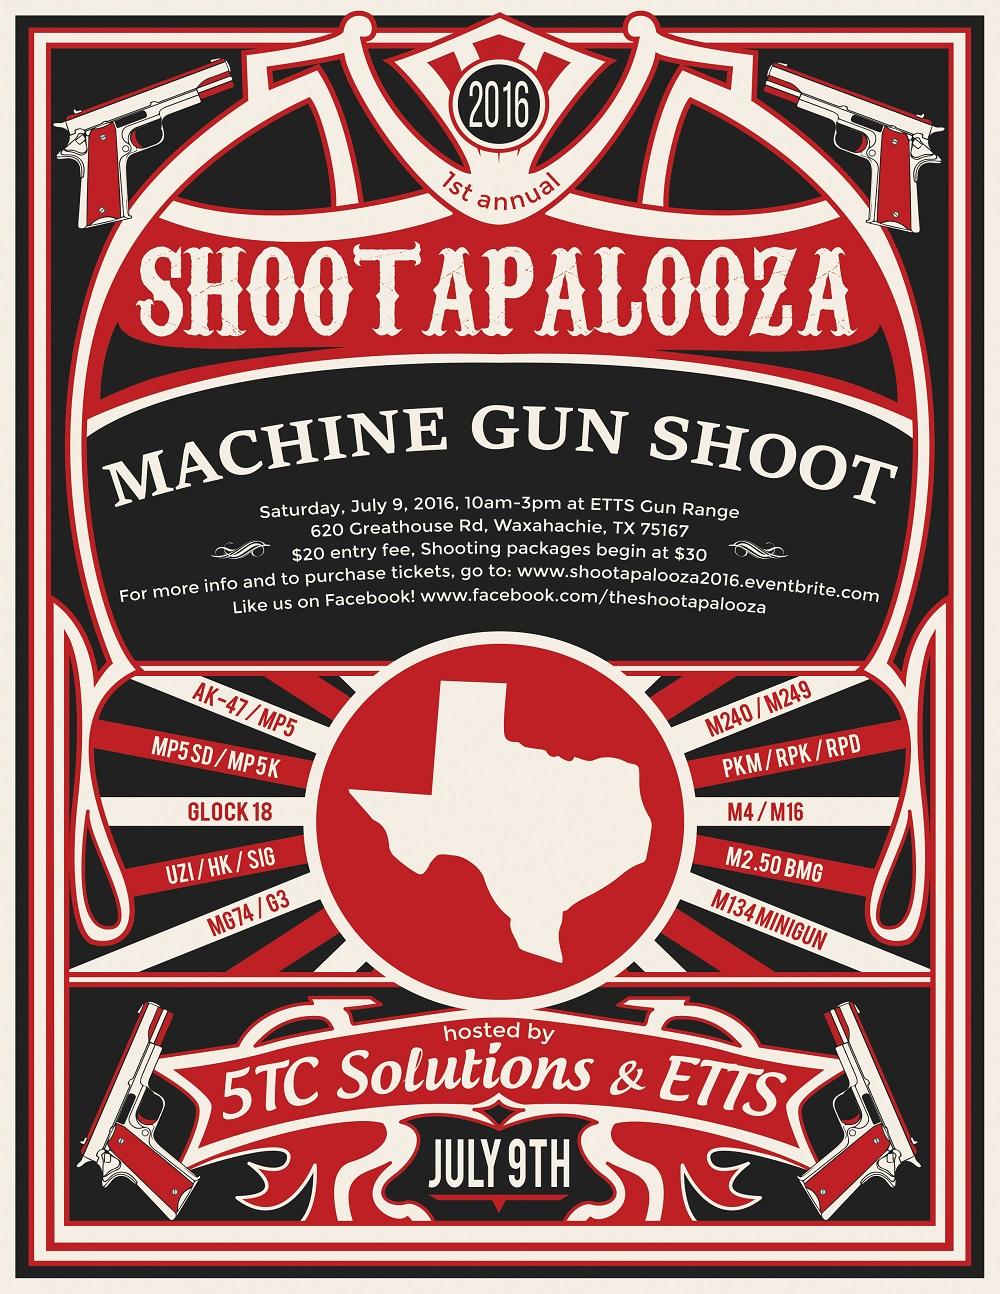 machine gun events